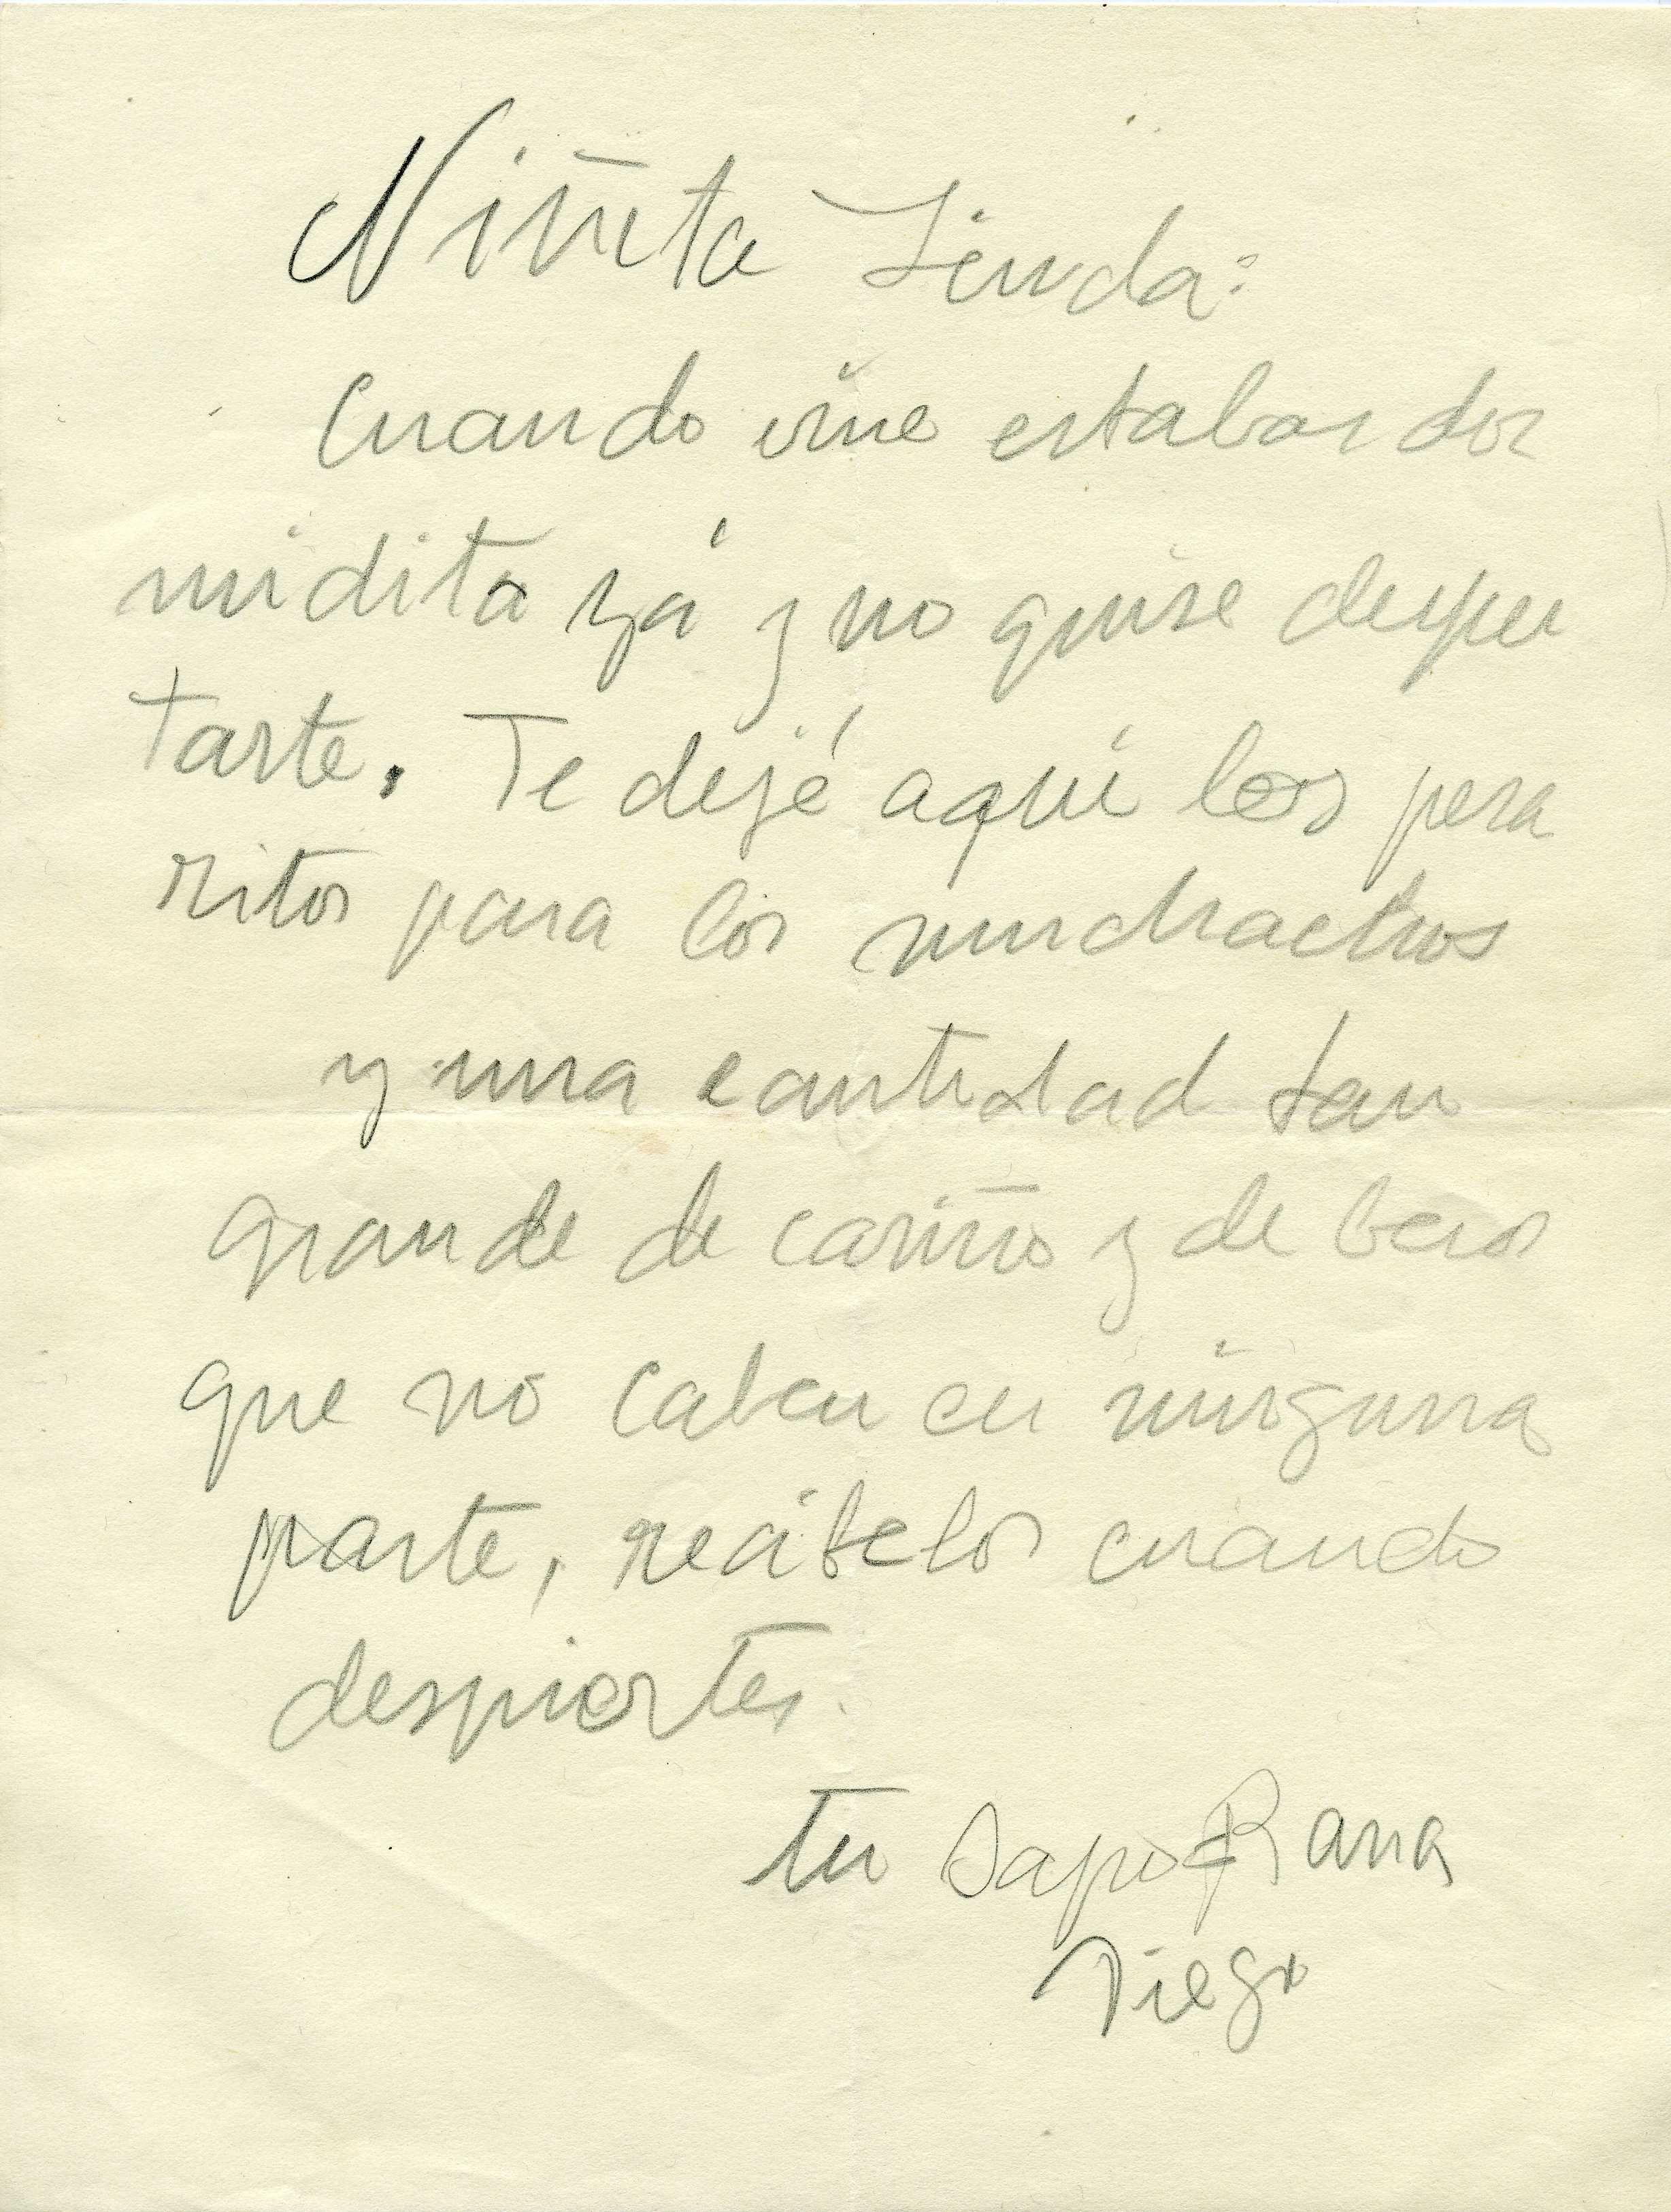 Milenio Comparte En Exclusiva Algunas Cartas De Amor Entre Frida Kahlo Y Diego Rivera Que Acoge La Casa Frida Kahlo Frida Kahlo Y Diego Frase De Frida Kahlo